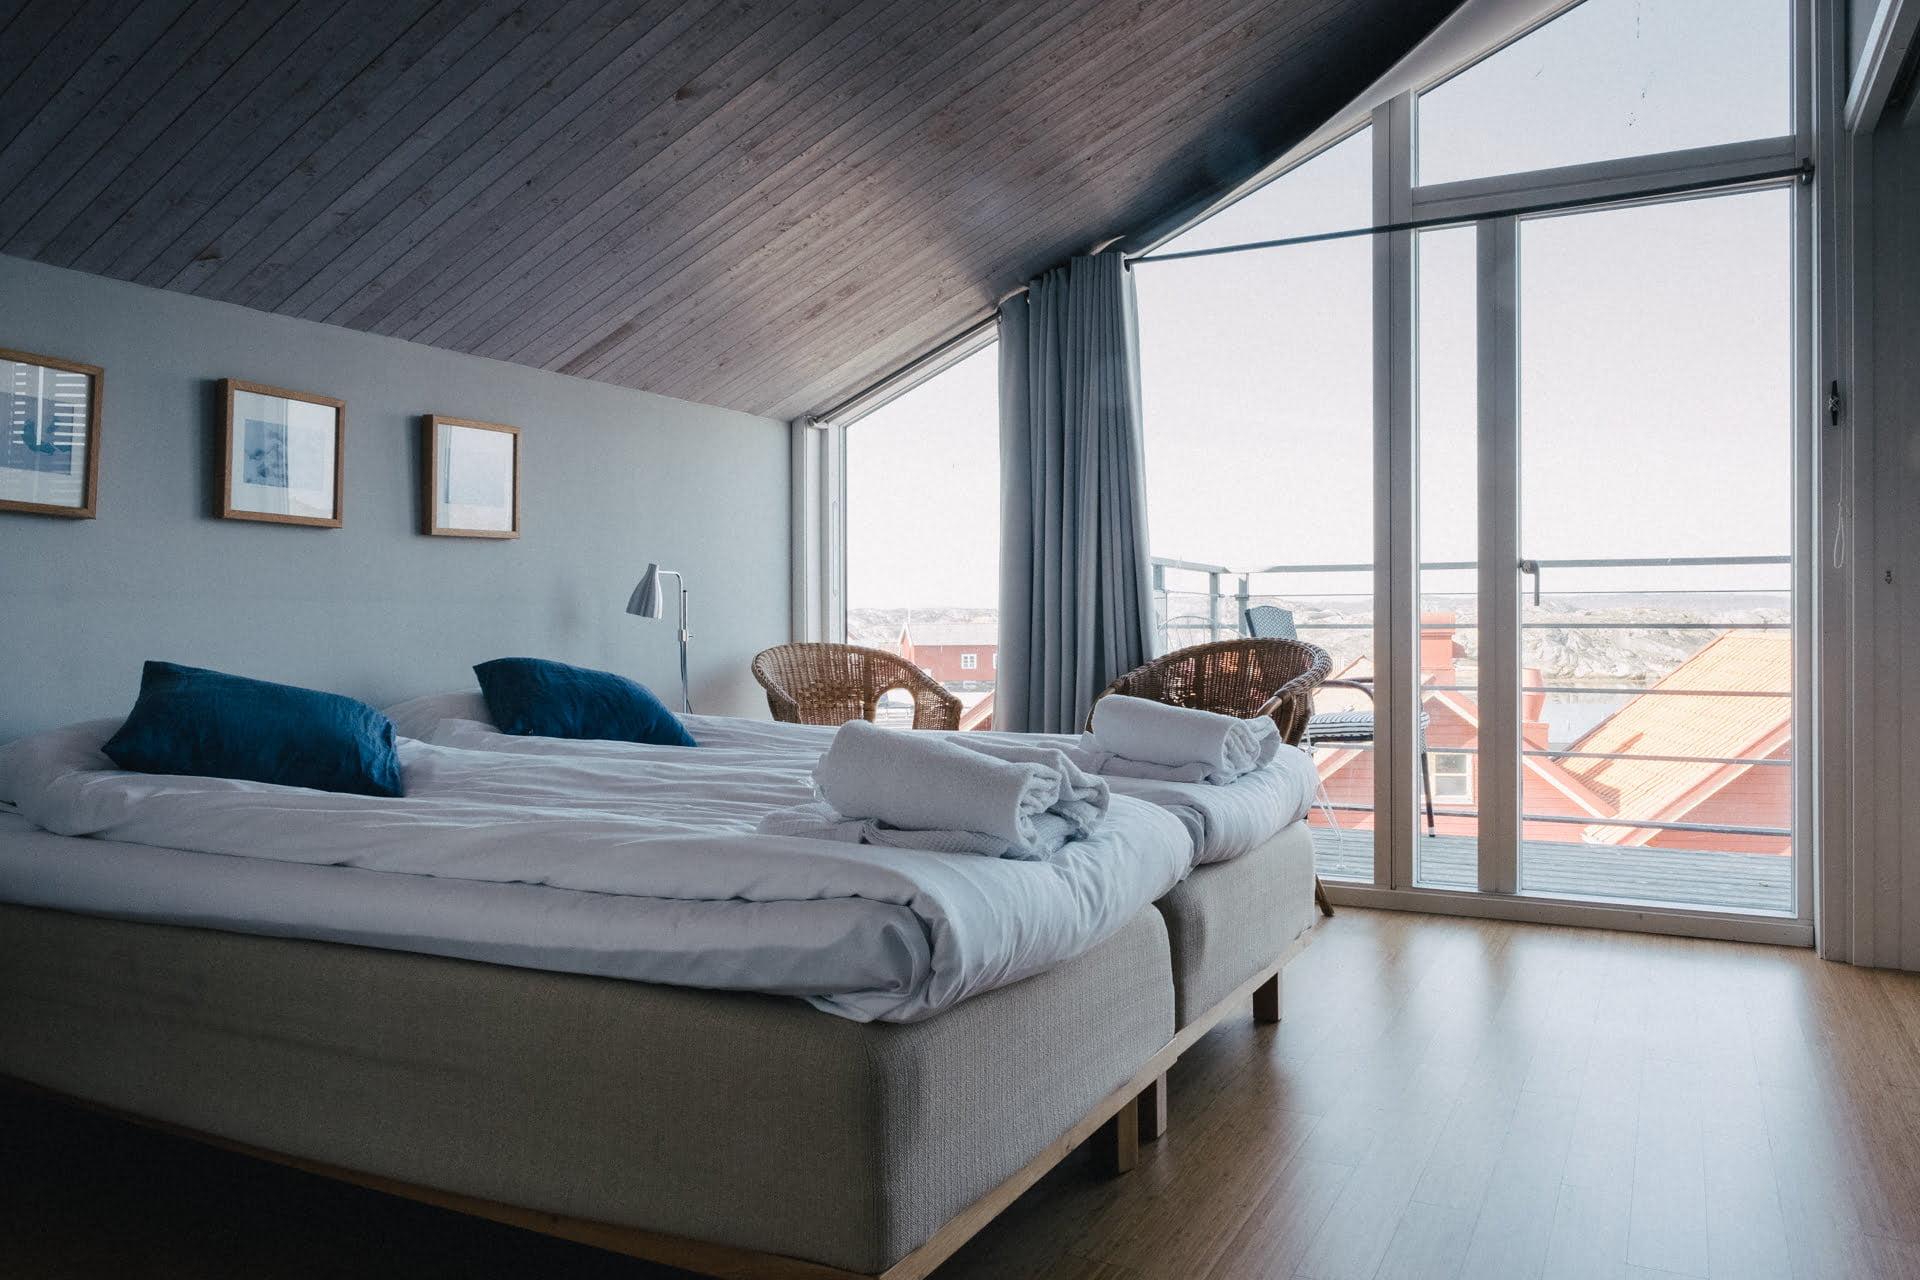 Björholmen Hotell & Marina